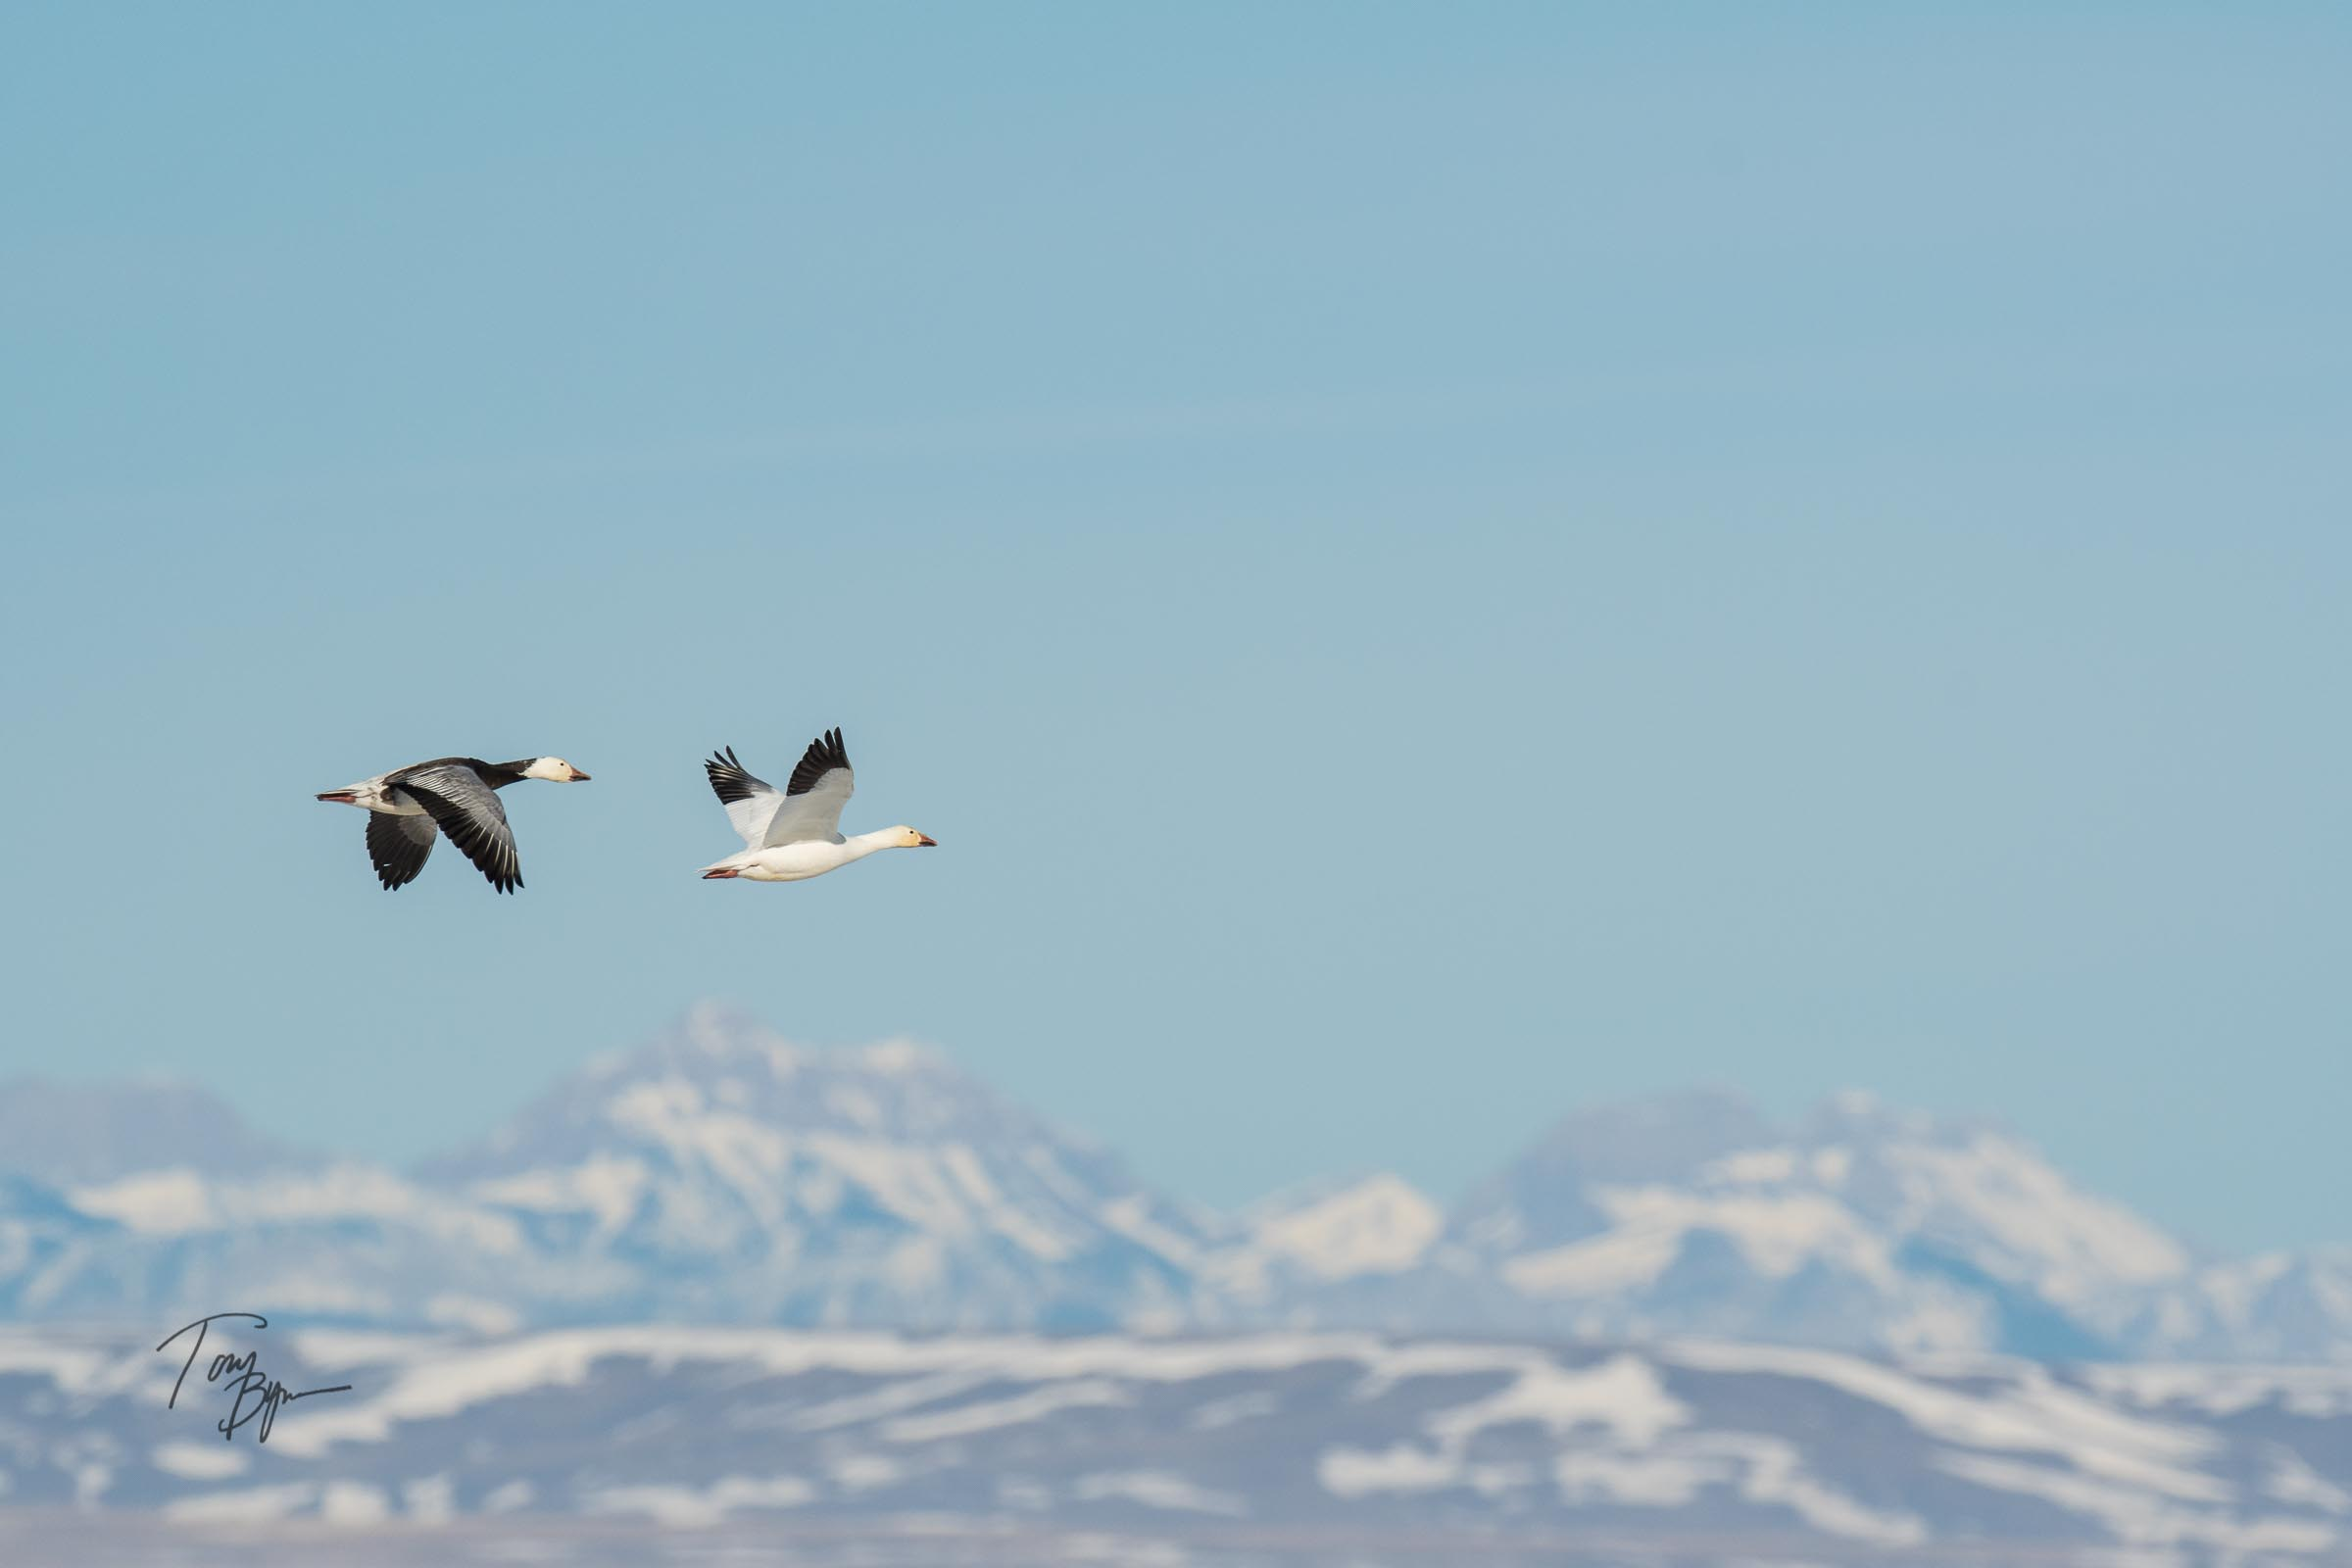 snow-geese-bynum-2249.JPG